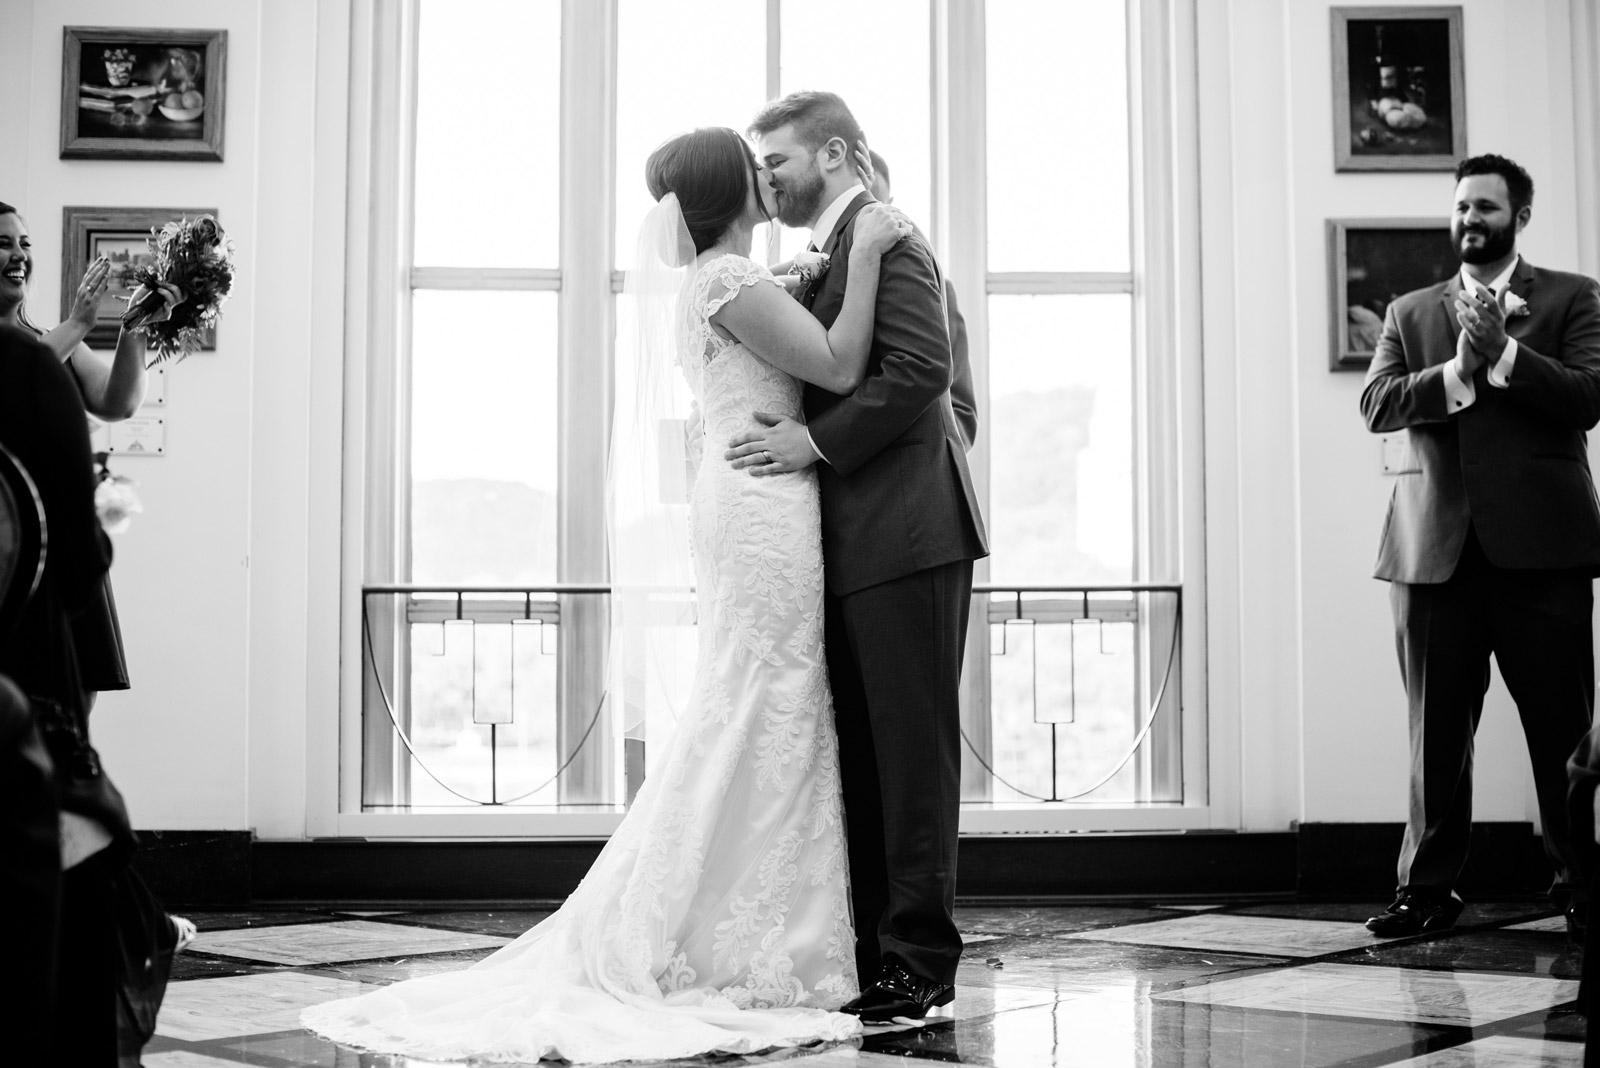 UC wedding ceremony erma byrd gallery